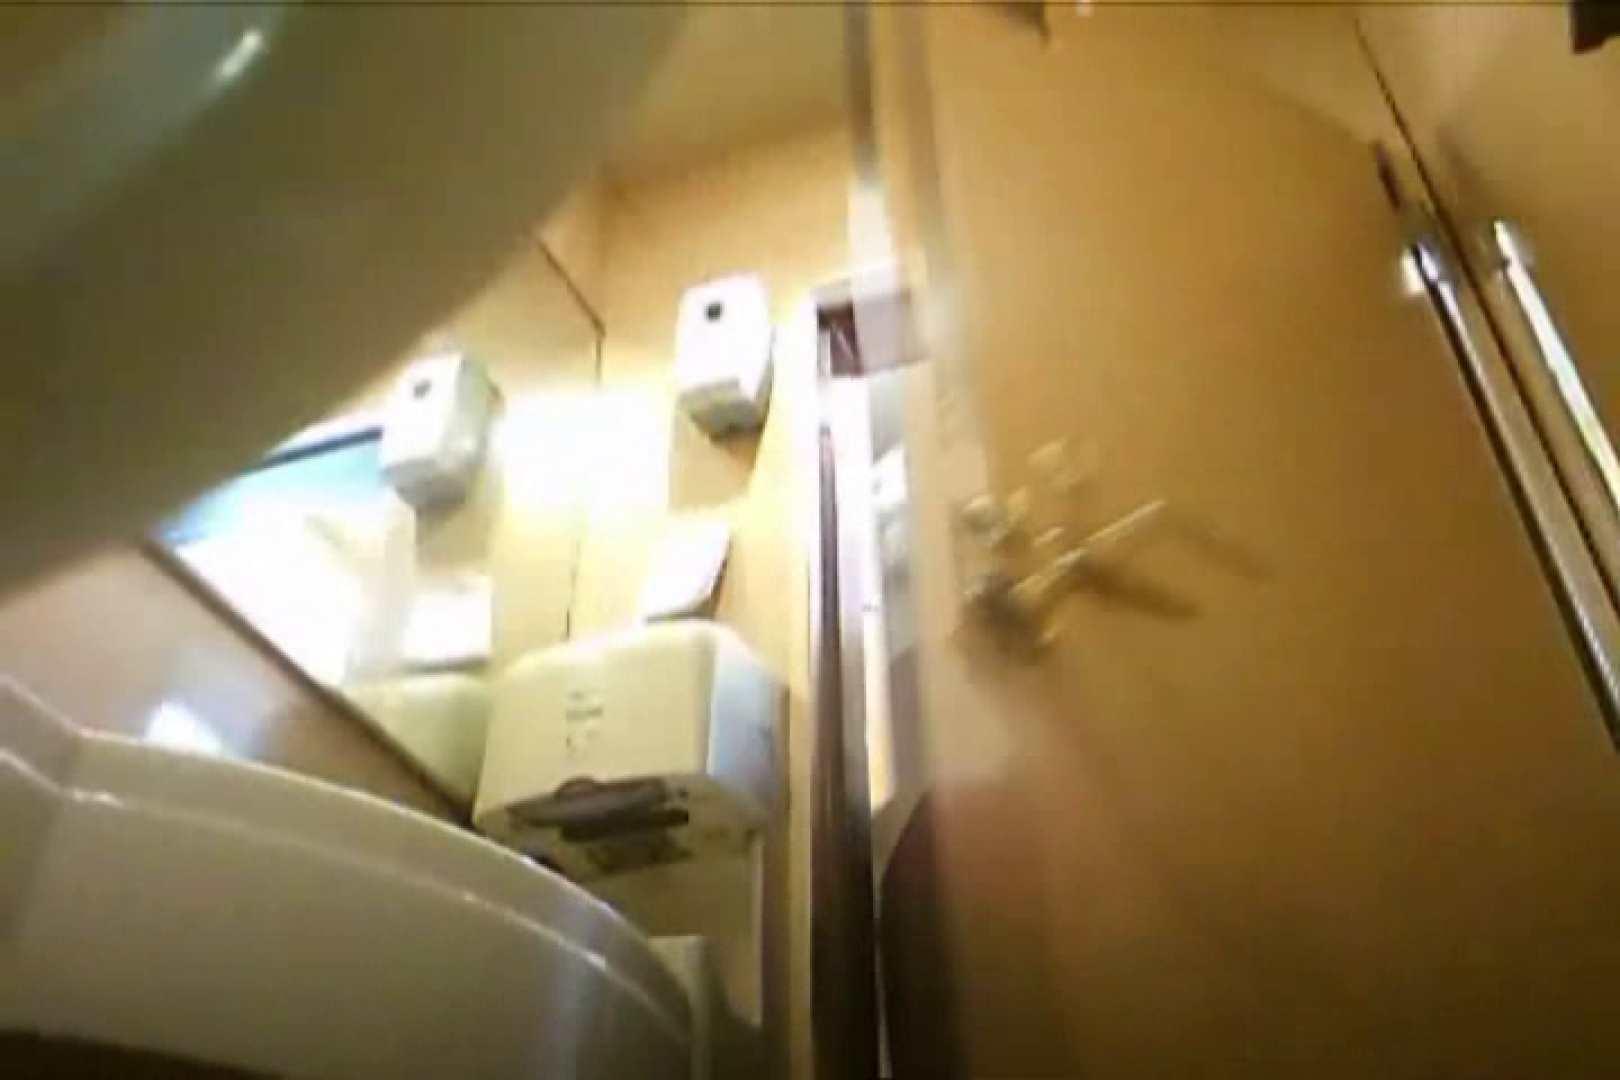 SEASON 2ND!掴み取りさんの洗面所覗き!in新幹線!VOL.21 ボーイズ私服 | 完全無修正でお届け  110pic 14